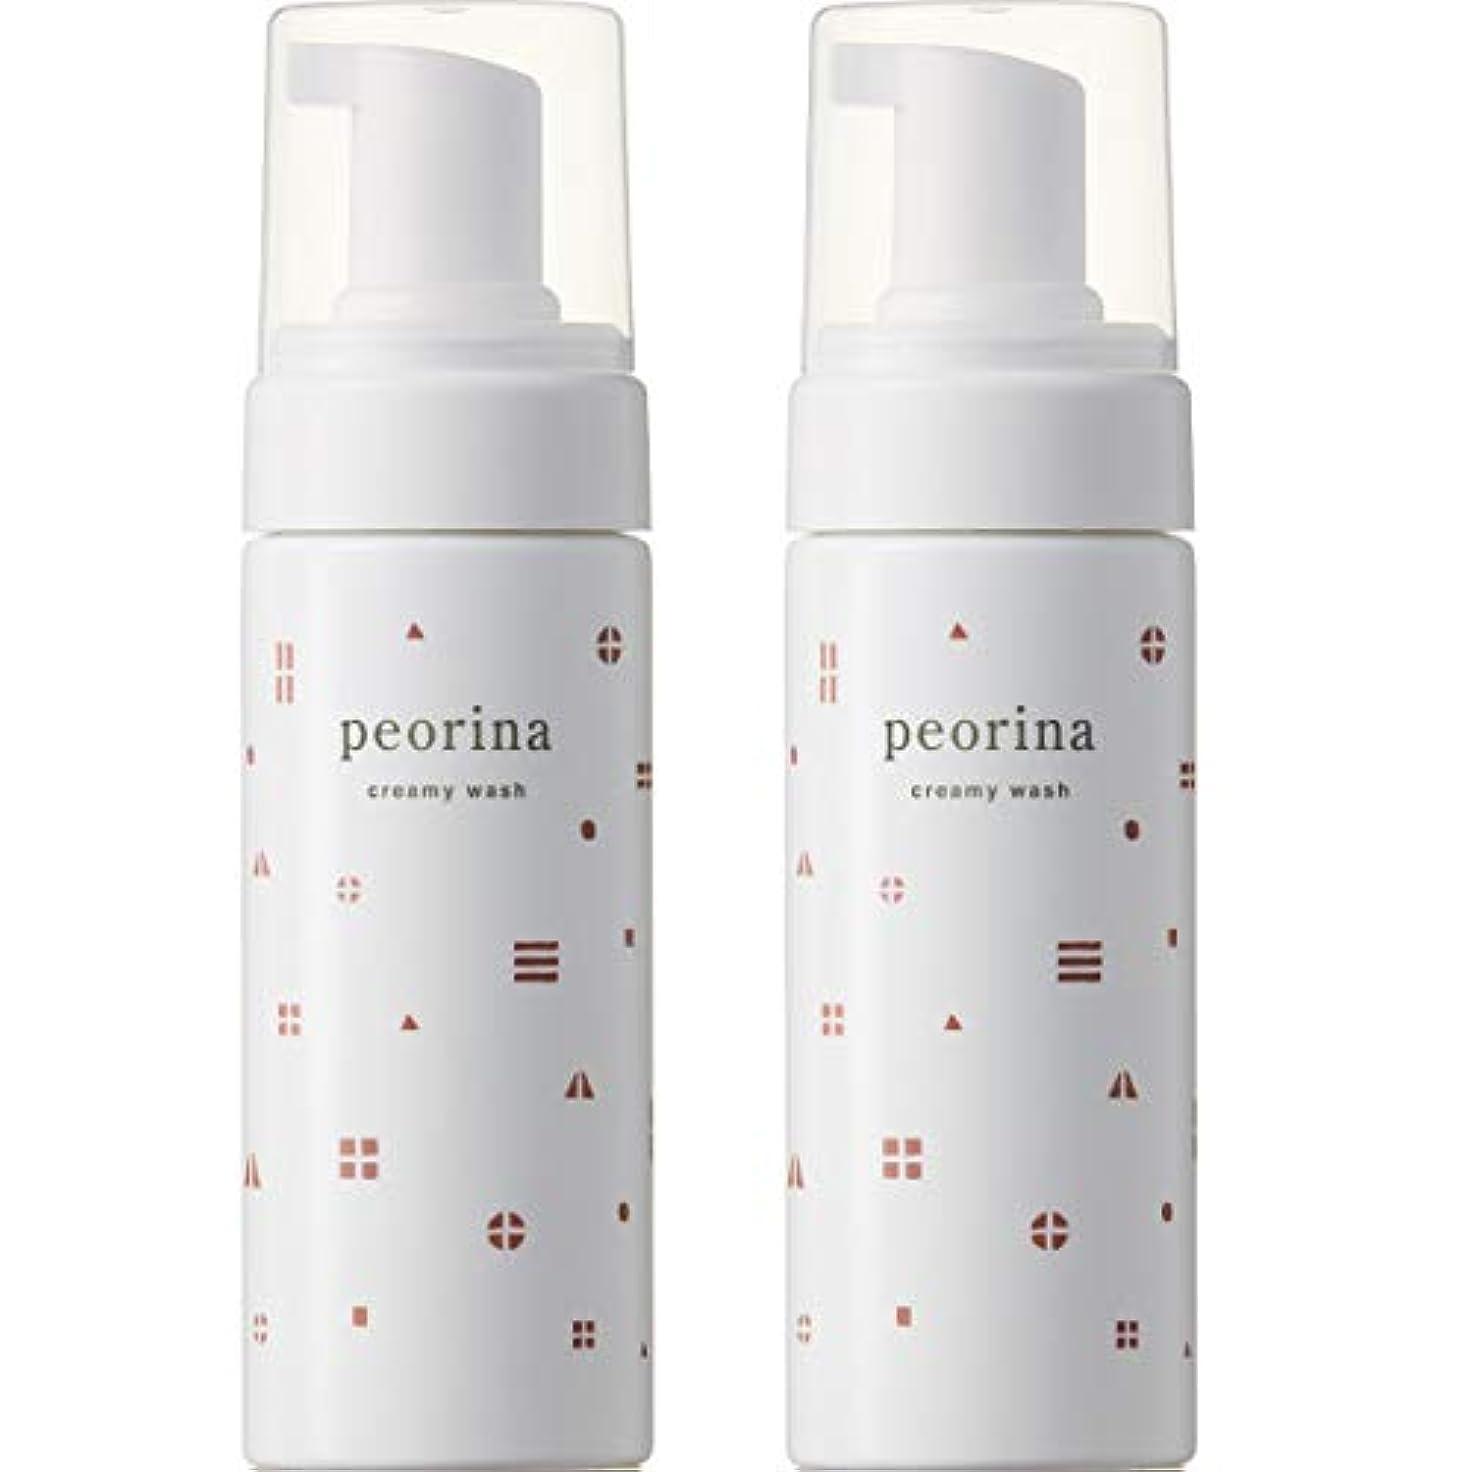 応答北ぼんやりしたピオリナ クリーミーウォッシュ 2個セット 泡洗顔料 スキンケア 美肌 高保湿 セラミド 乾燥肌 敏感肌 ニキビ 赤ら顔 ヒト型セラミド